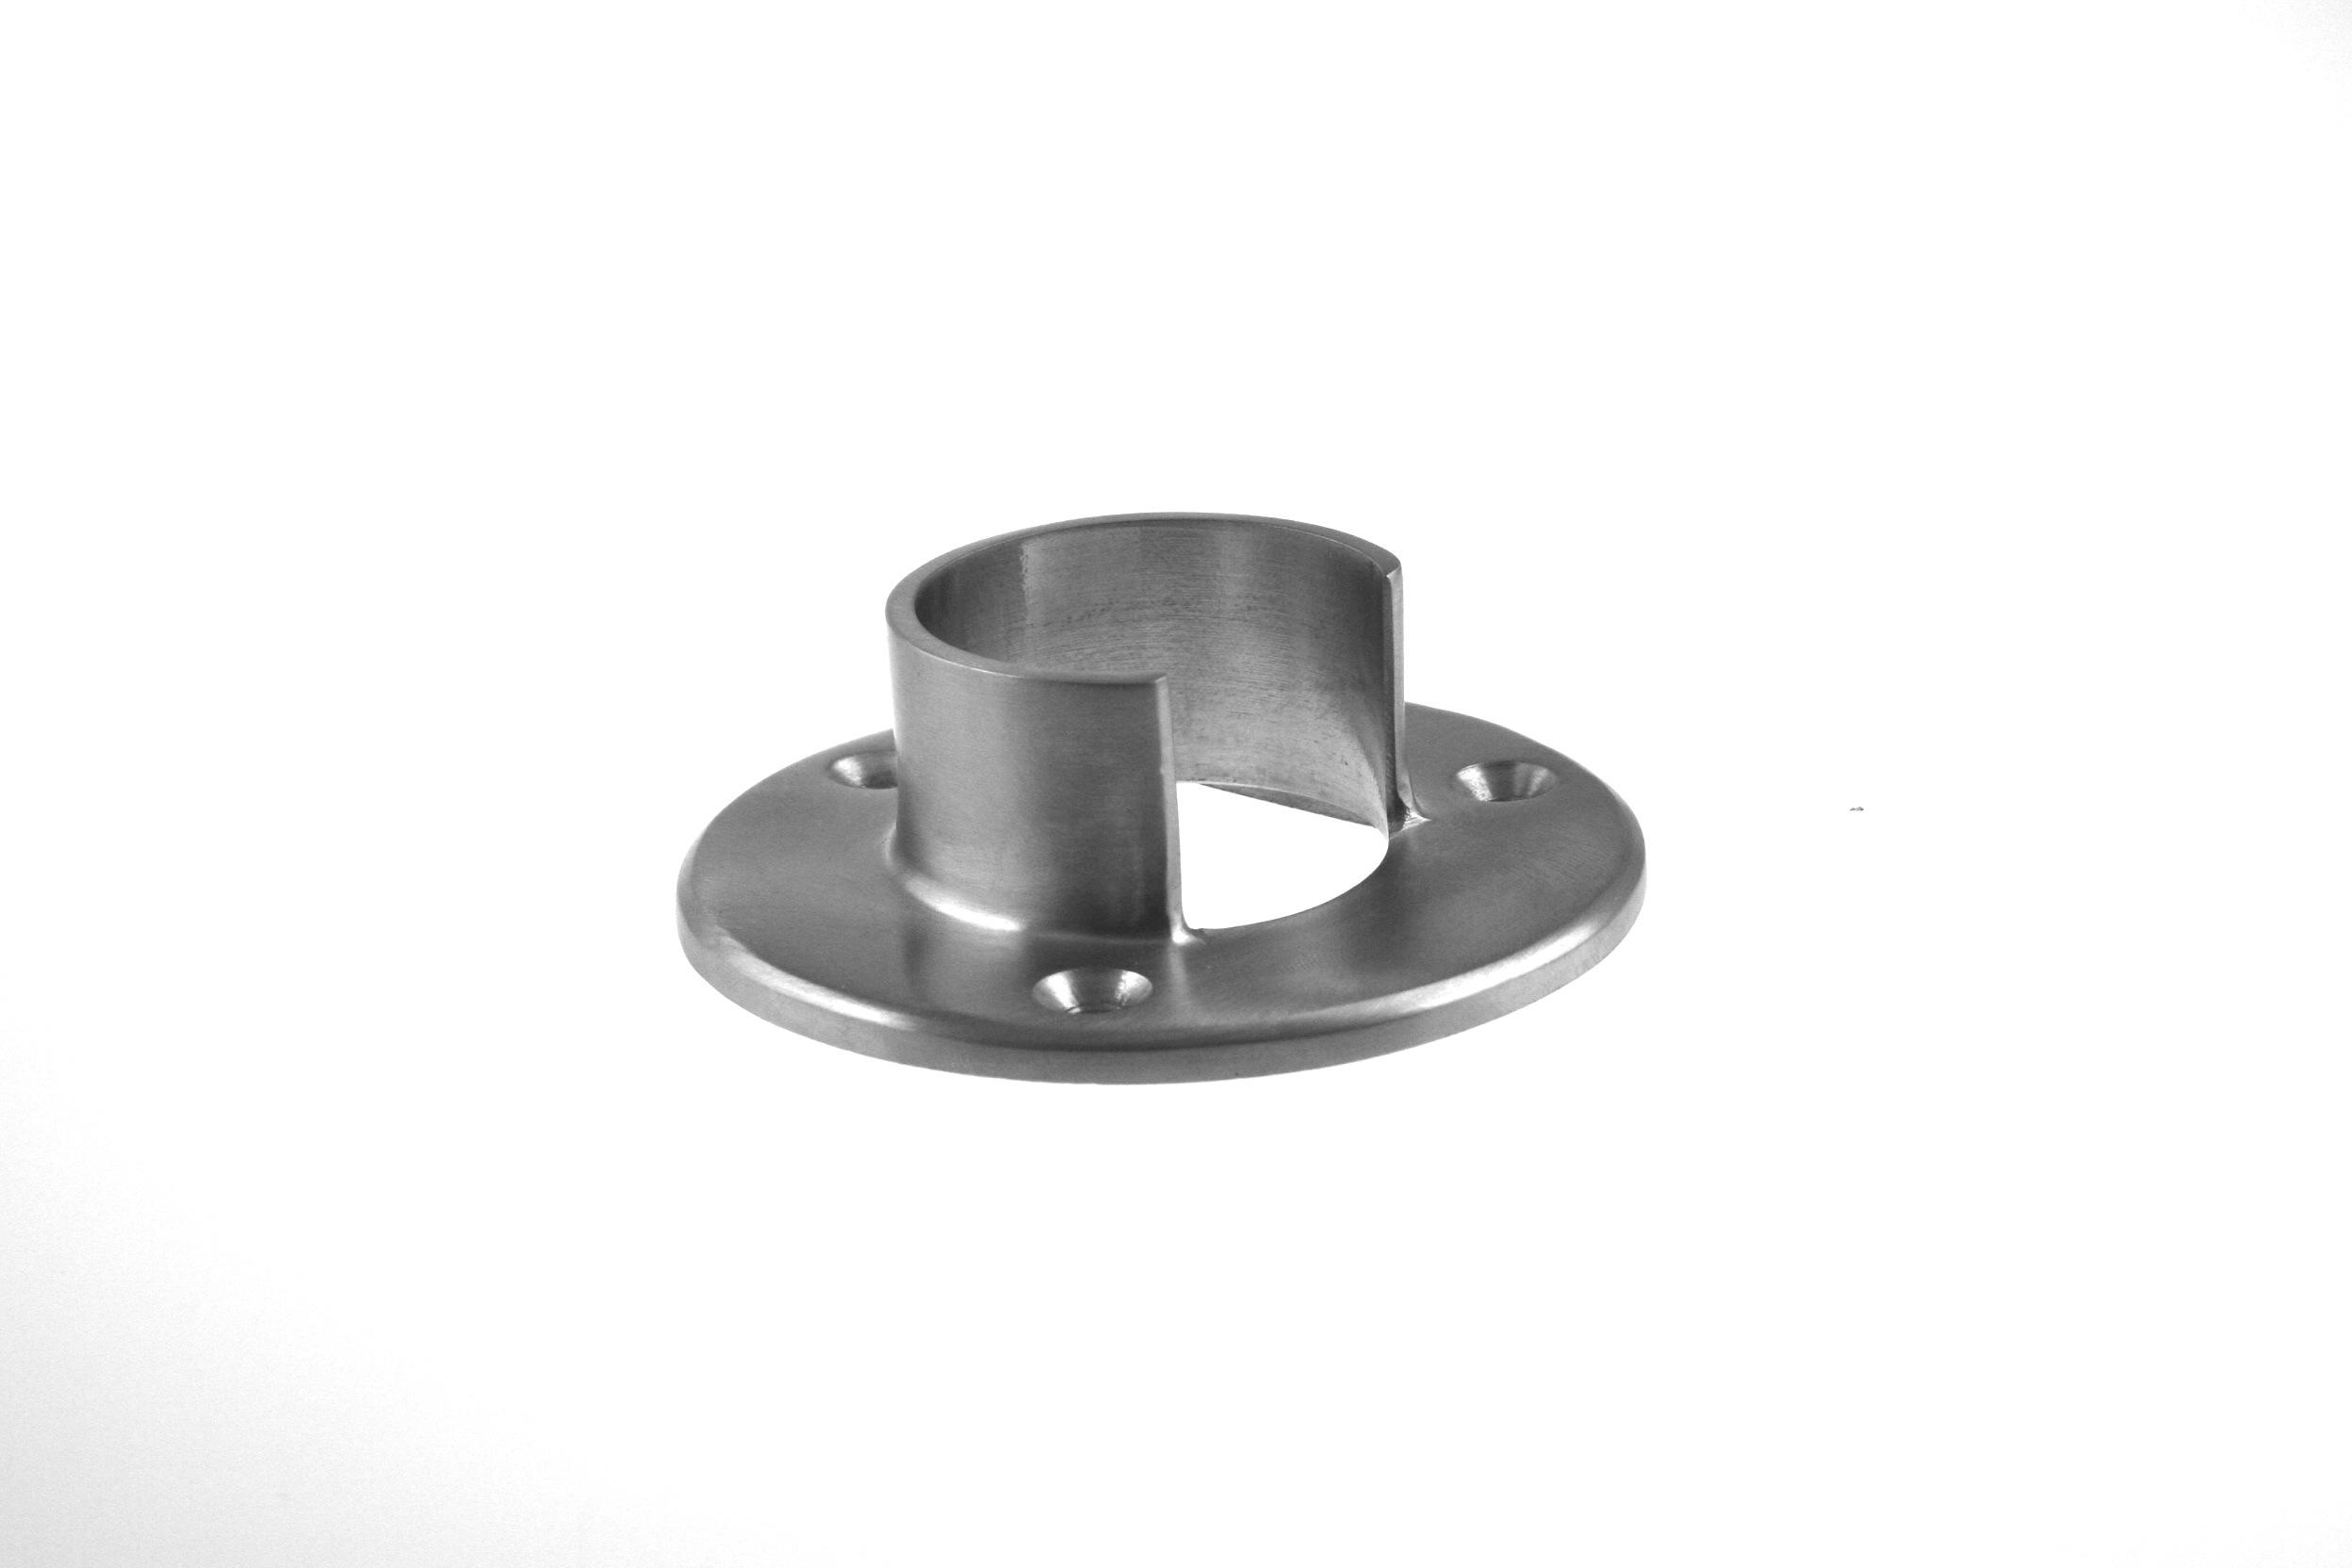 bodenanker wandanker v2a edelstahl 42 4 mm rohr arbo inox. Black Bedroom Furniture Sets. Home Design Ideas